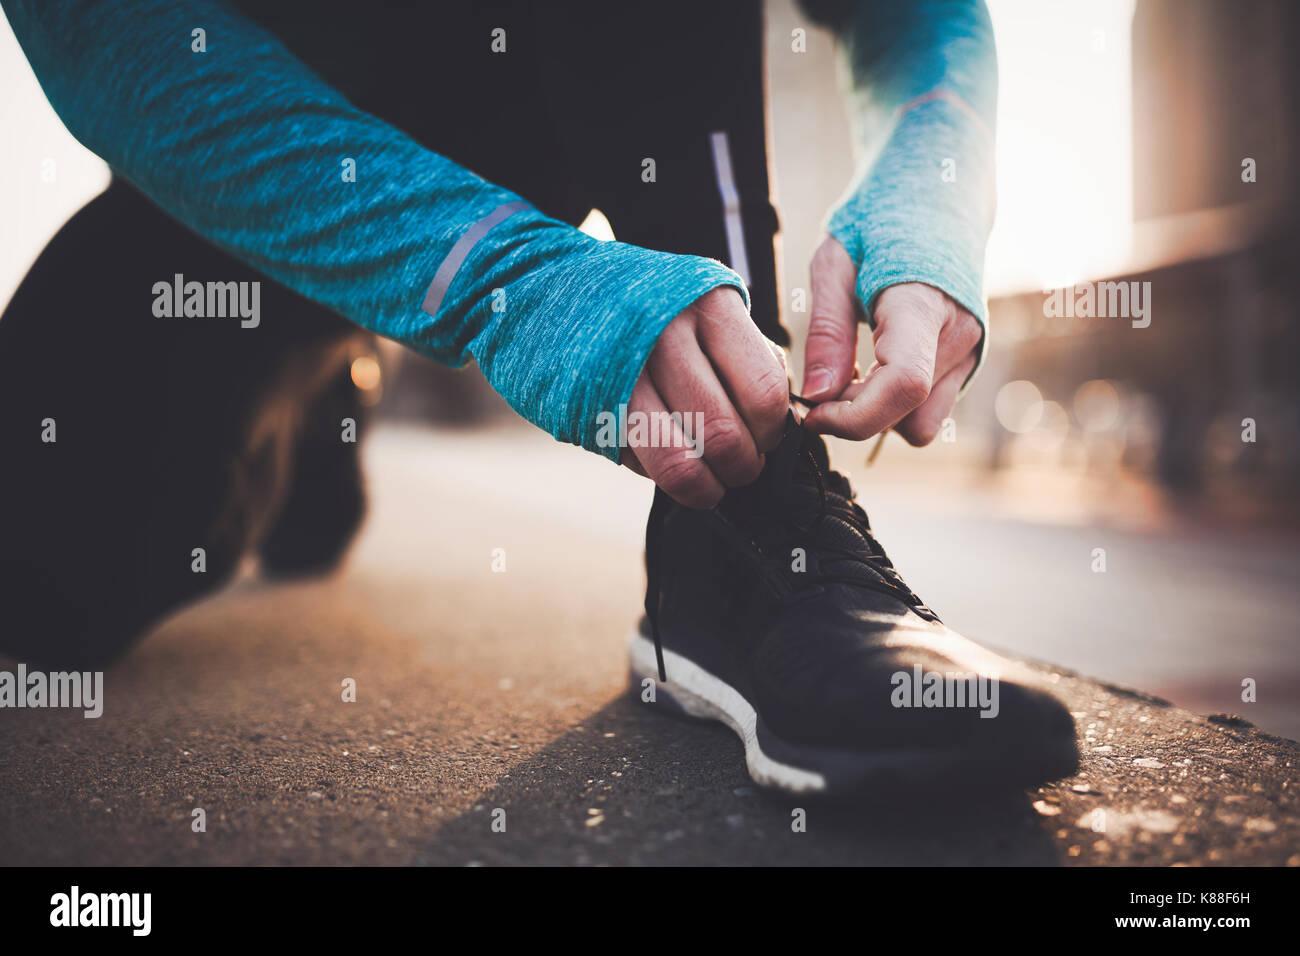 Jogging ed esecuzione sono ricreazioni fitness Immagini Stock